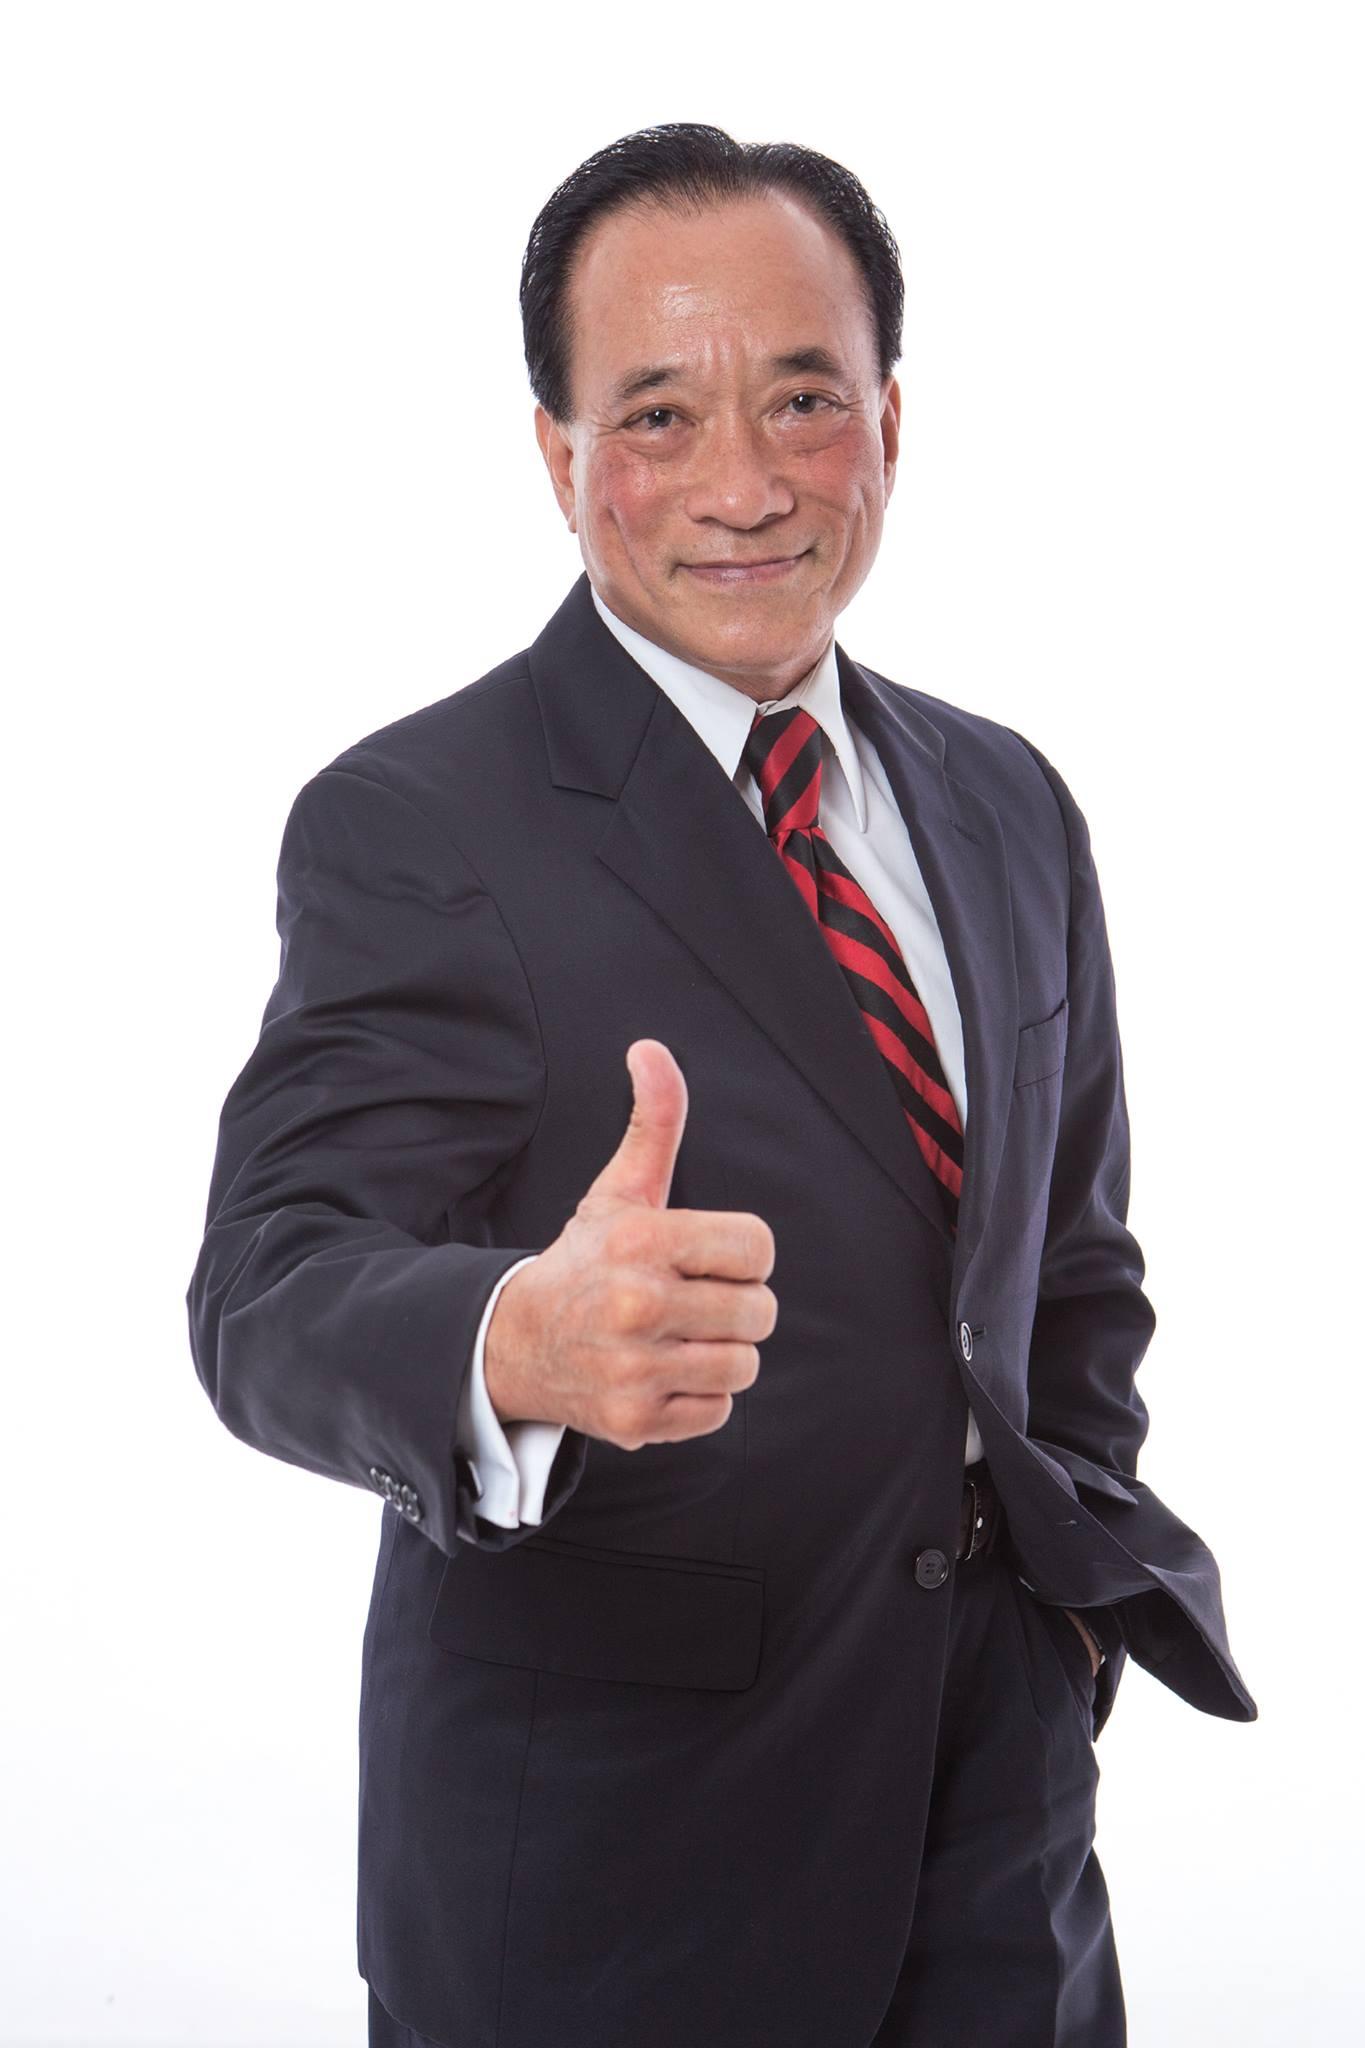 Tiến sĩ Nguyễn Trí Hiếu là một trong những diễn giả của eConference chuyên đề Nghỉ hưu an nhàn, an toàn tài chính.